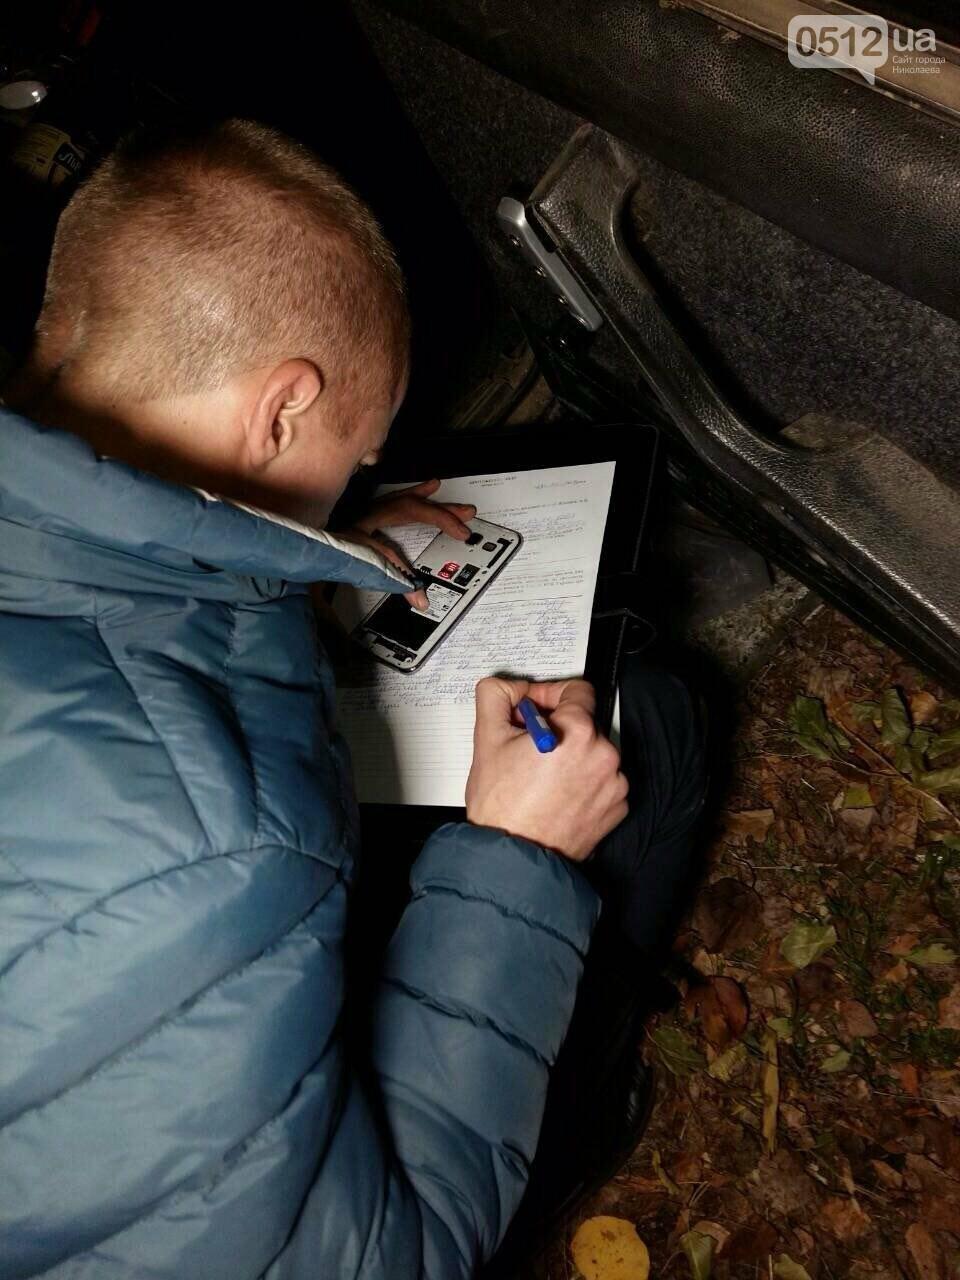 Ночью в Николаеве трое мужчин напали и ограбили снимавшего сюжет журналиста (ФОТО, ВИДЕО), фото-8